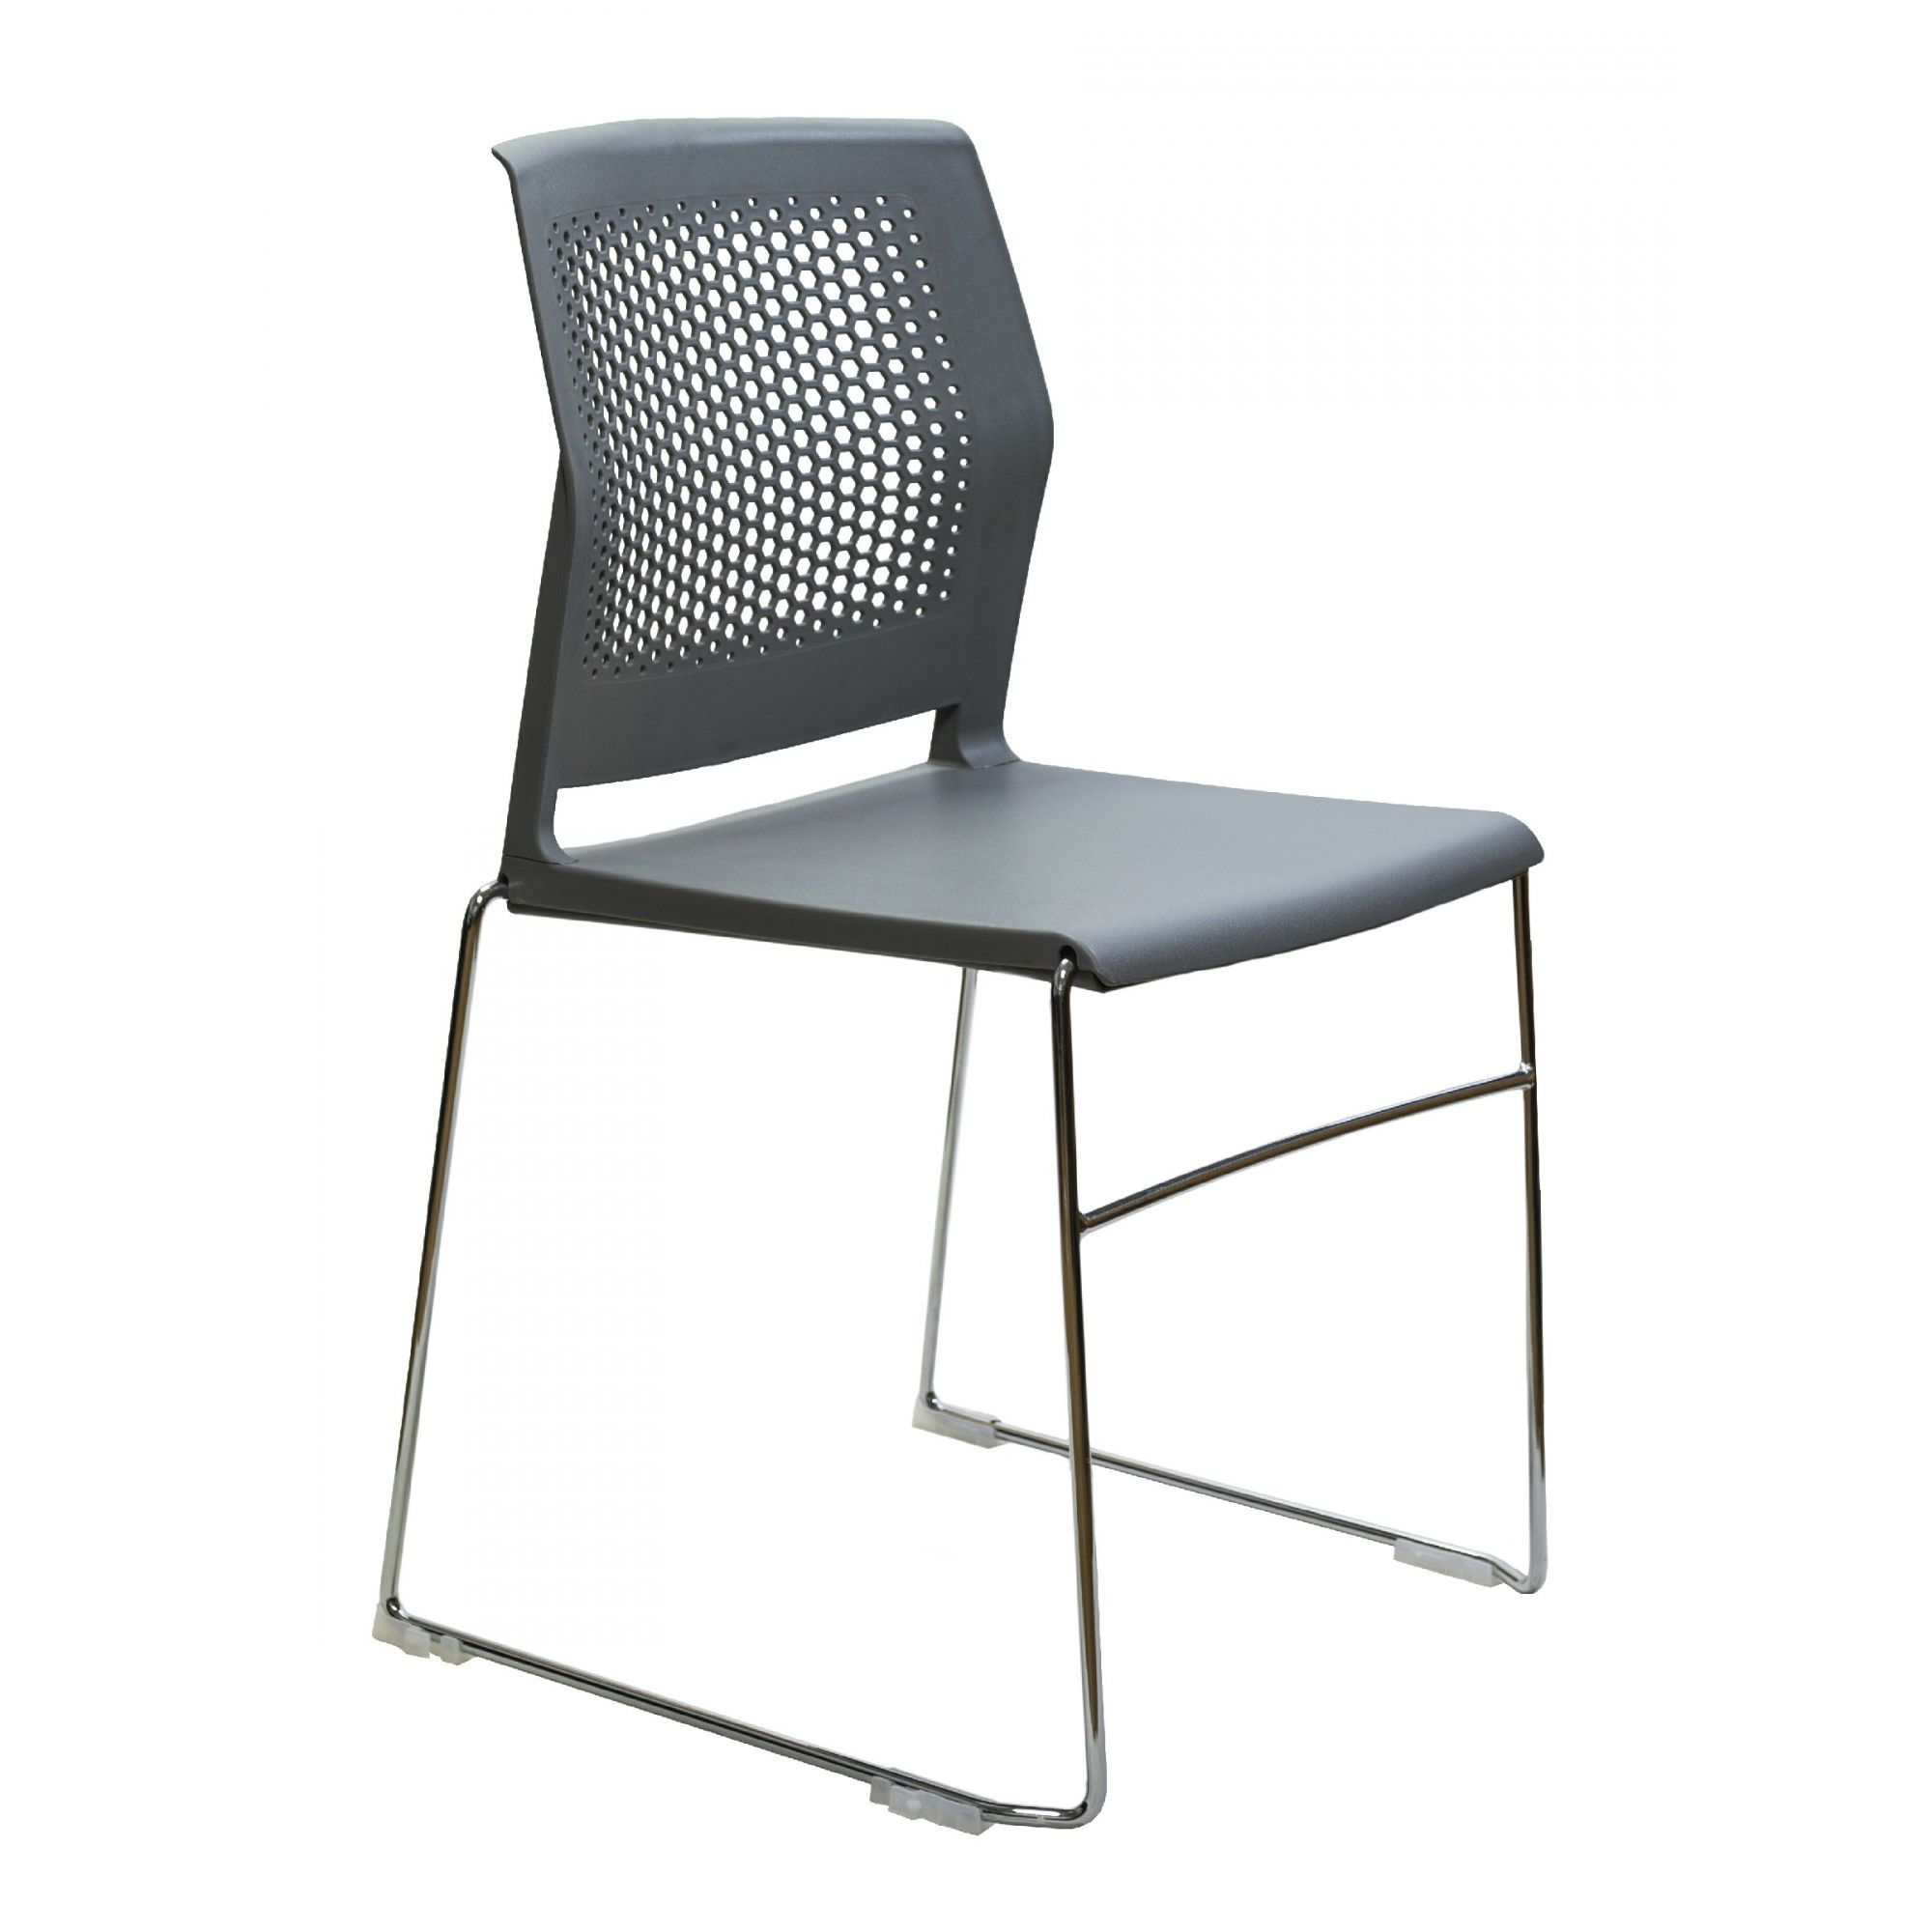 AF 7005-PL - Cadeira fixa, empilhável, trapezoidal, sem braços, encosto médio, com PÉS PRETOS